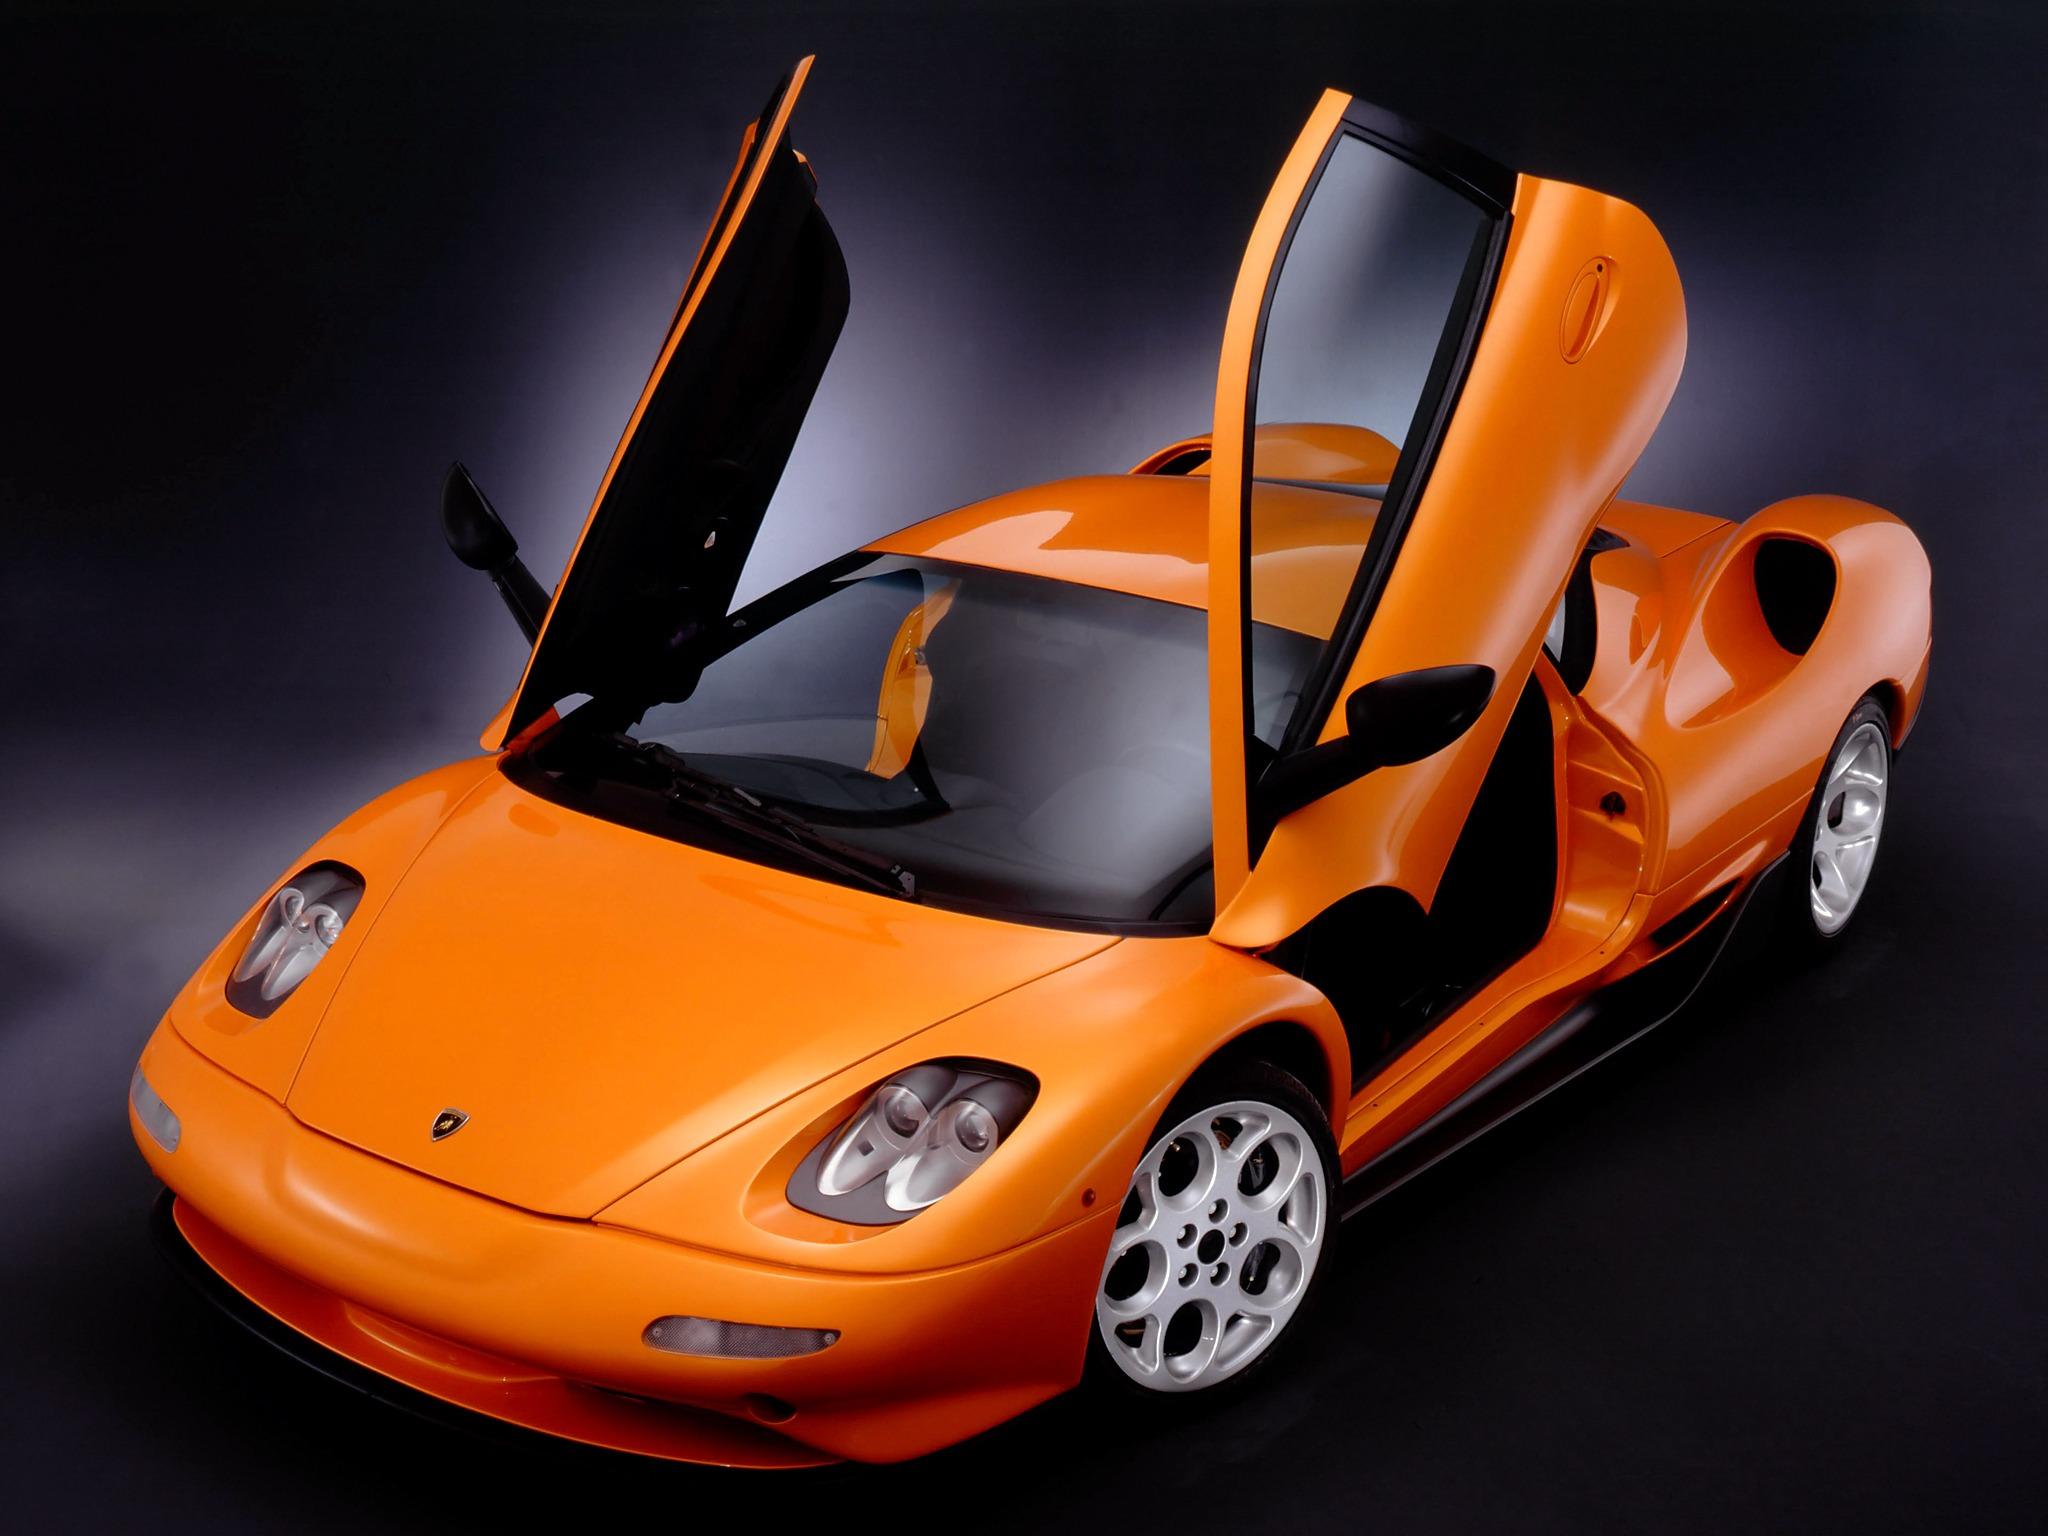 1999_Zagato_Lamborghini_L147_Canto_02